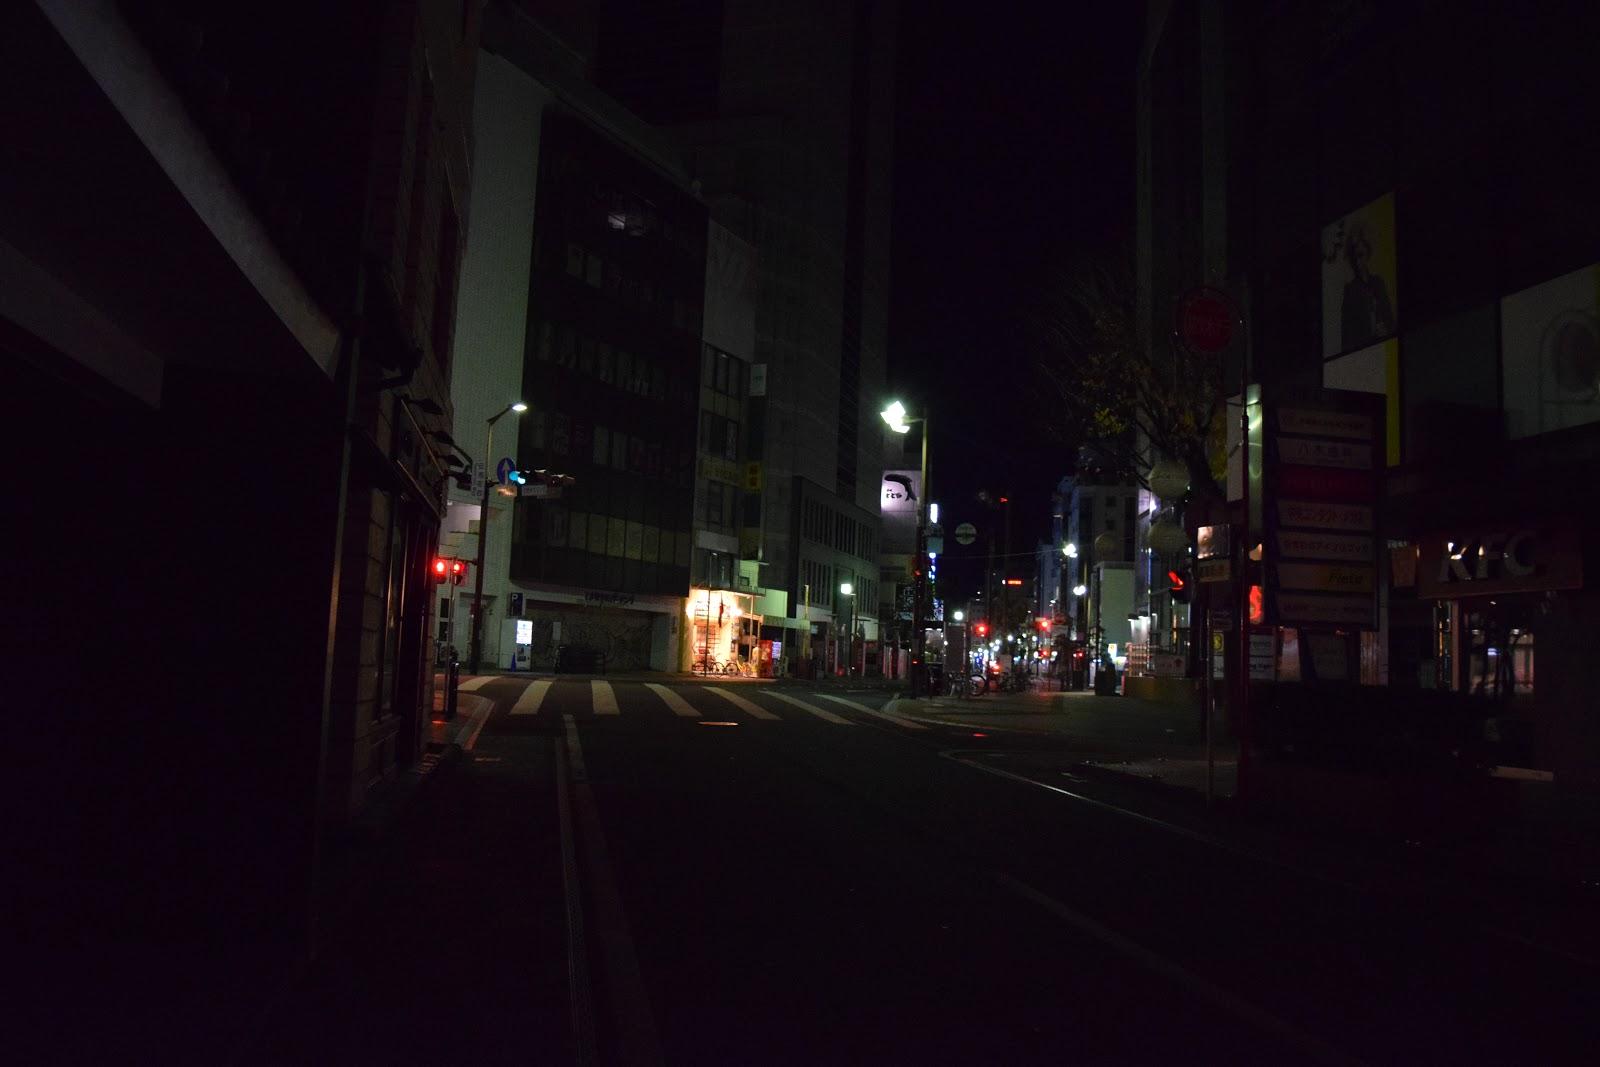 Shizuoka city after dark